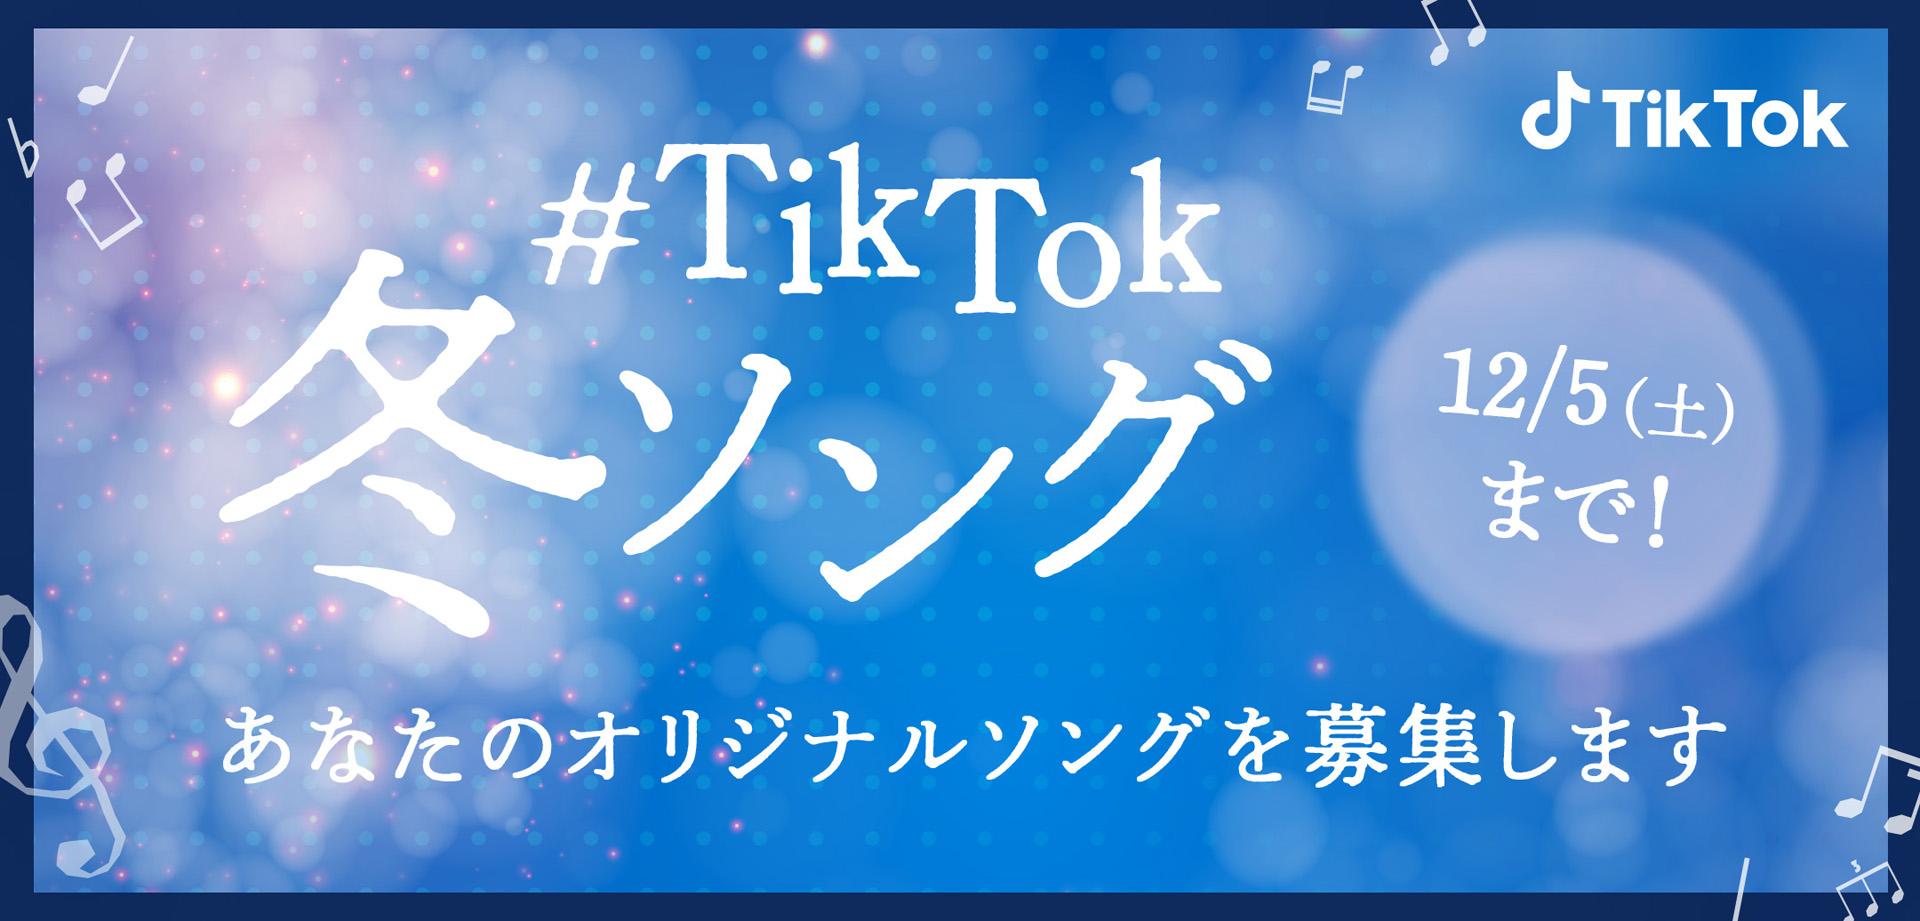 この冬、TikTokから新たな名曲が誕生!?TikTokがオリジナル冬ソングを募集する「#TikTok冬ソング」開催!